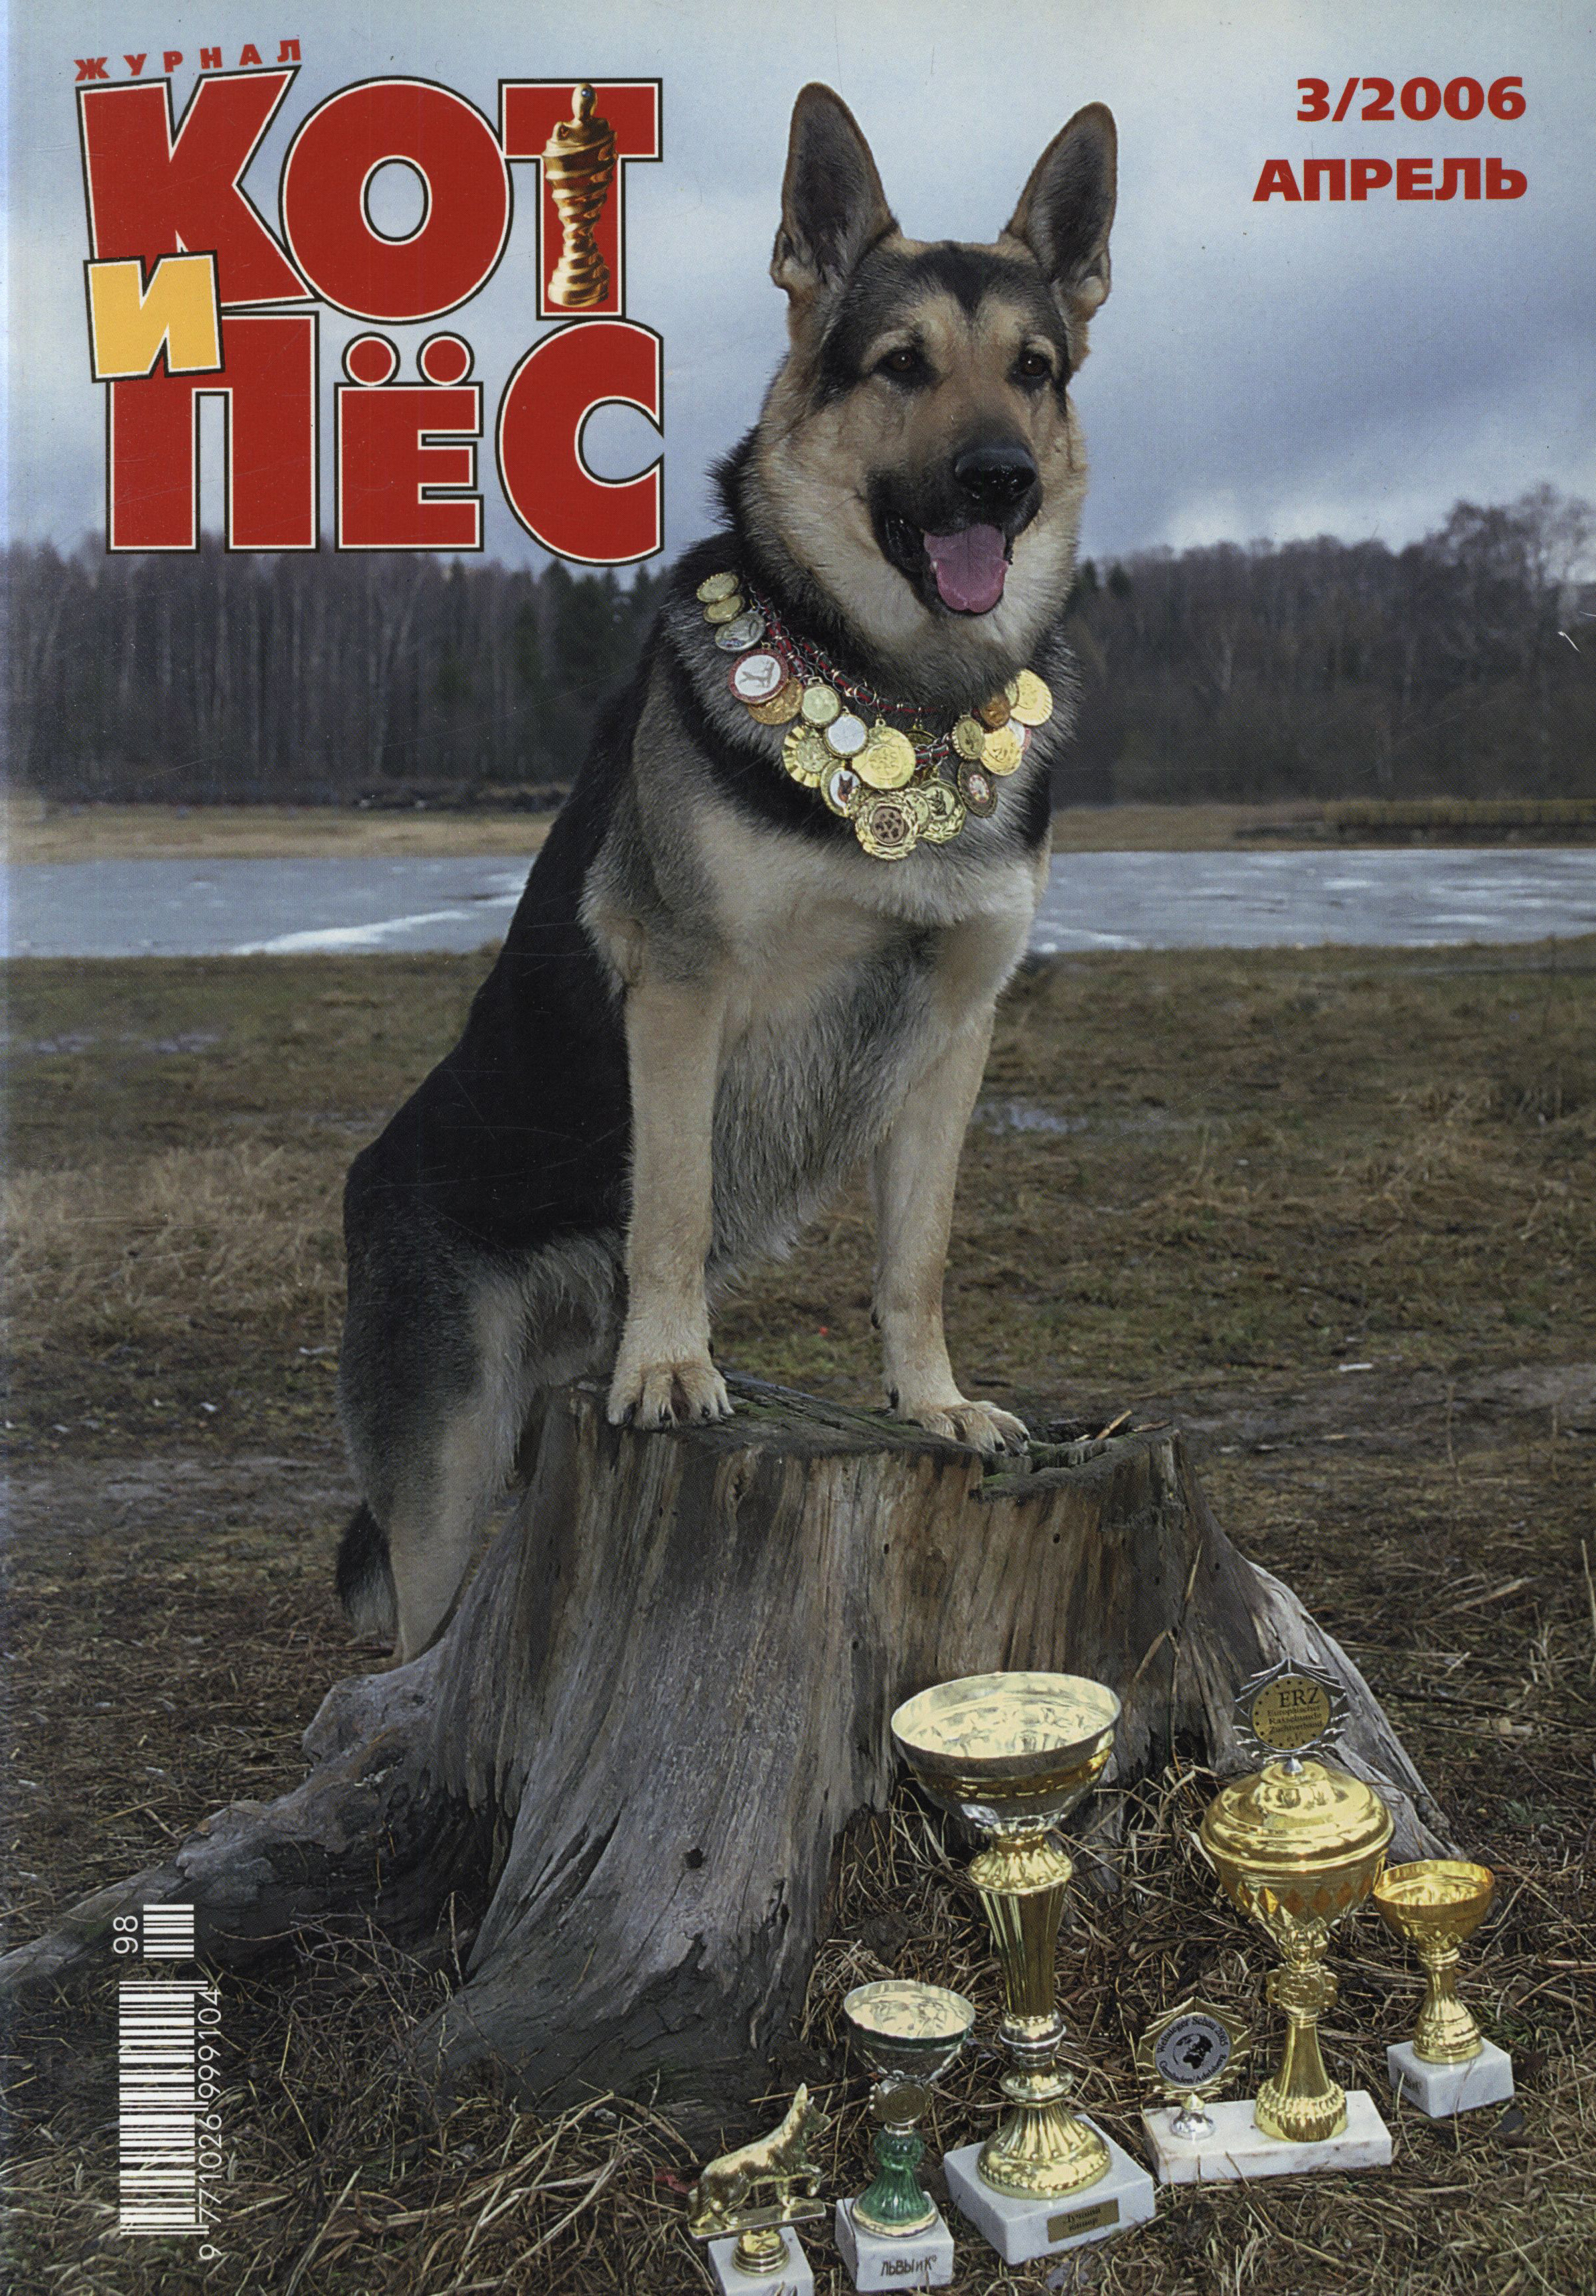 Отсутствует Кот и Пёс №03/2006 отсутствует журнал человек без границ 2 03 2006